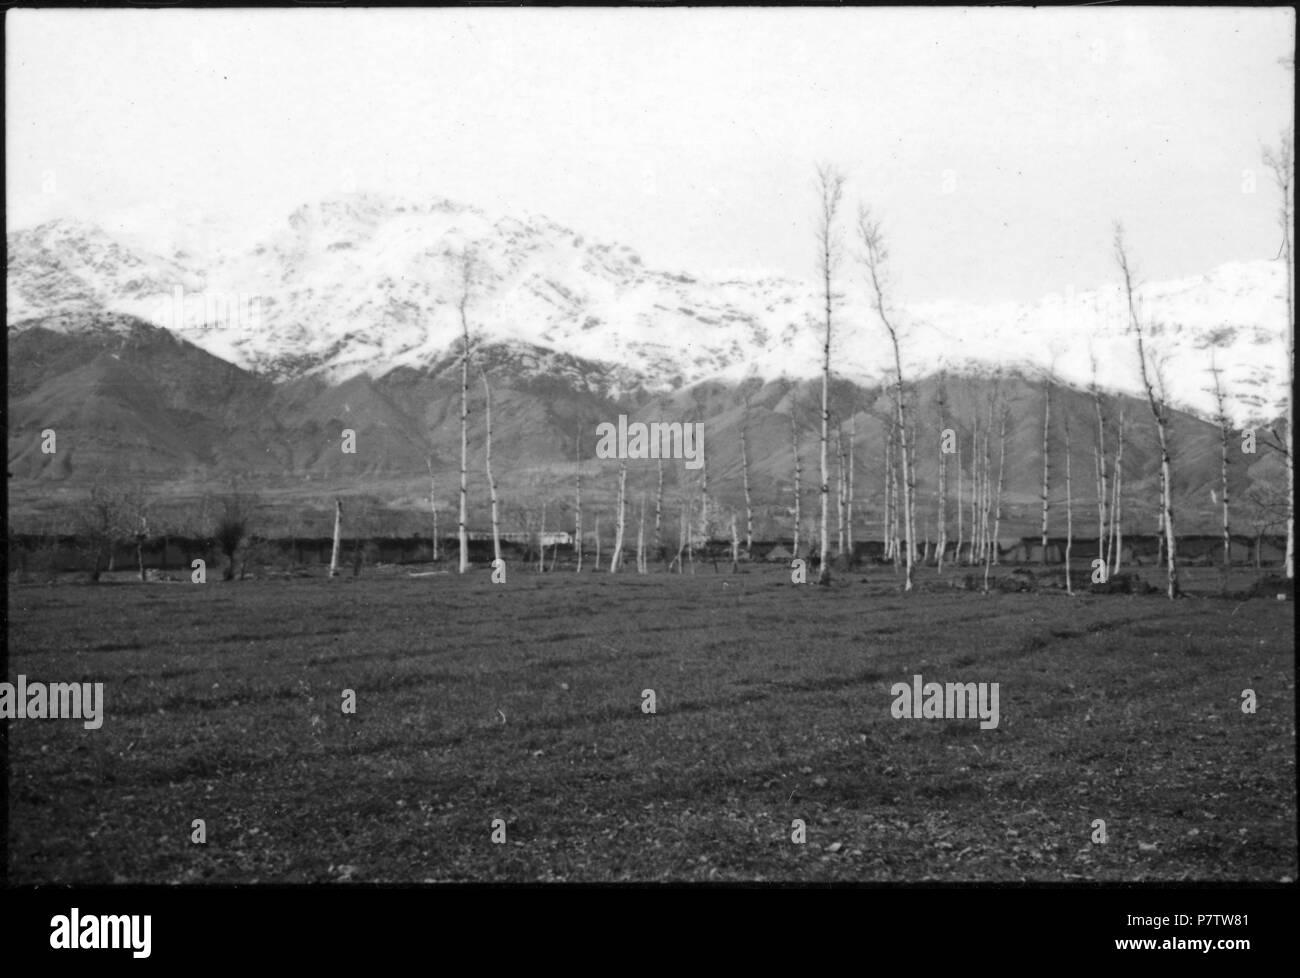 Persien: Landschaft (Lokalisierung unsicher); Im Vordergrund eine Ebene mit Bäumen, im Hintergrund schneebedeckte Berge. from 1933 until 1934 78 CH-NB - Persien- Landschaft (Lokalisierung unsicher) - Annemarie Schwarzenbach - SLA-Schwarzenbach-A-5-04-206 - Stock Image